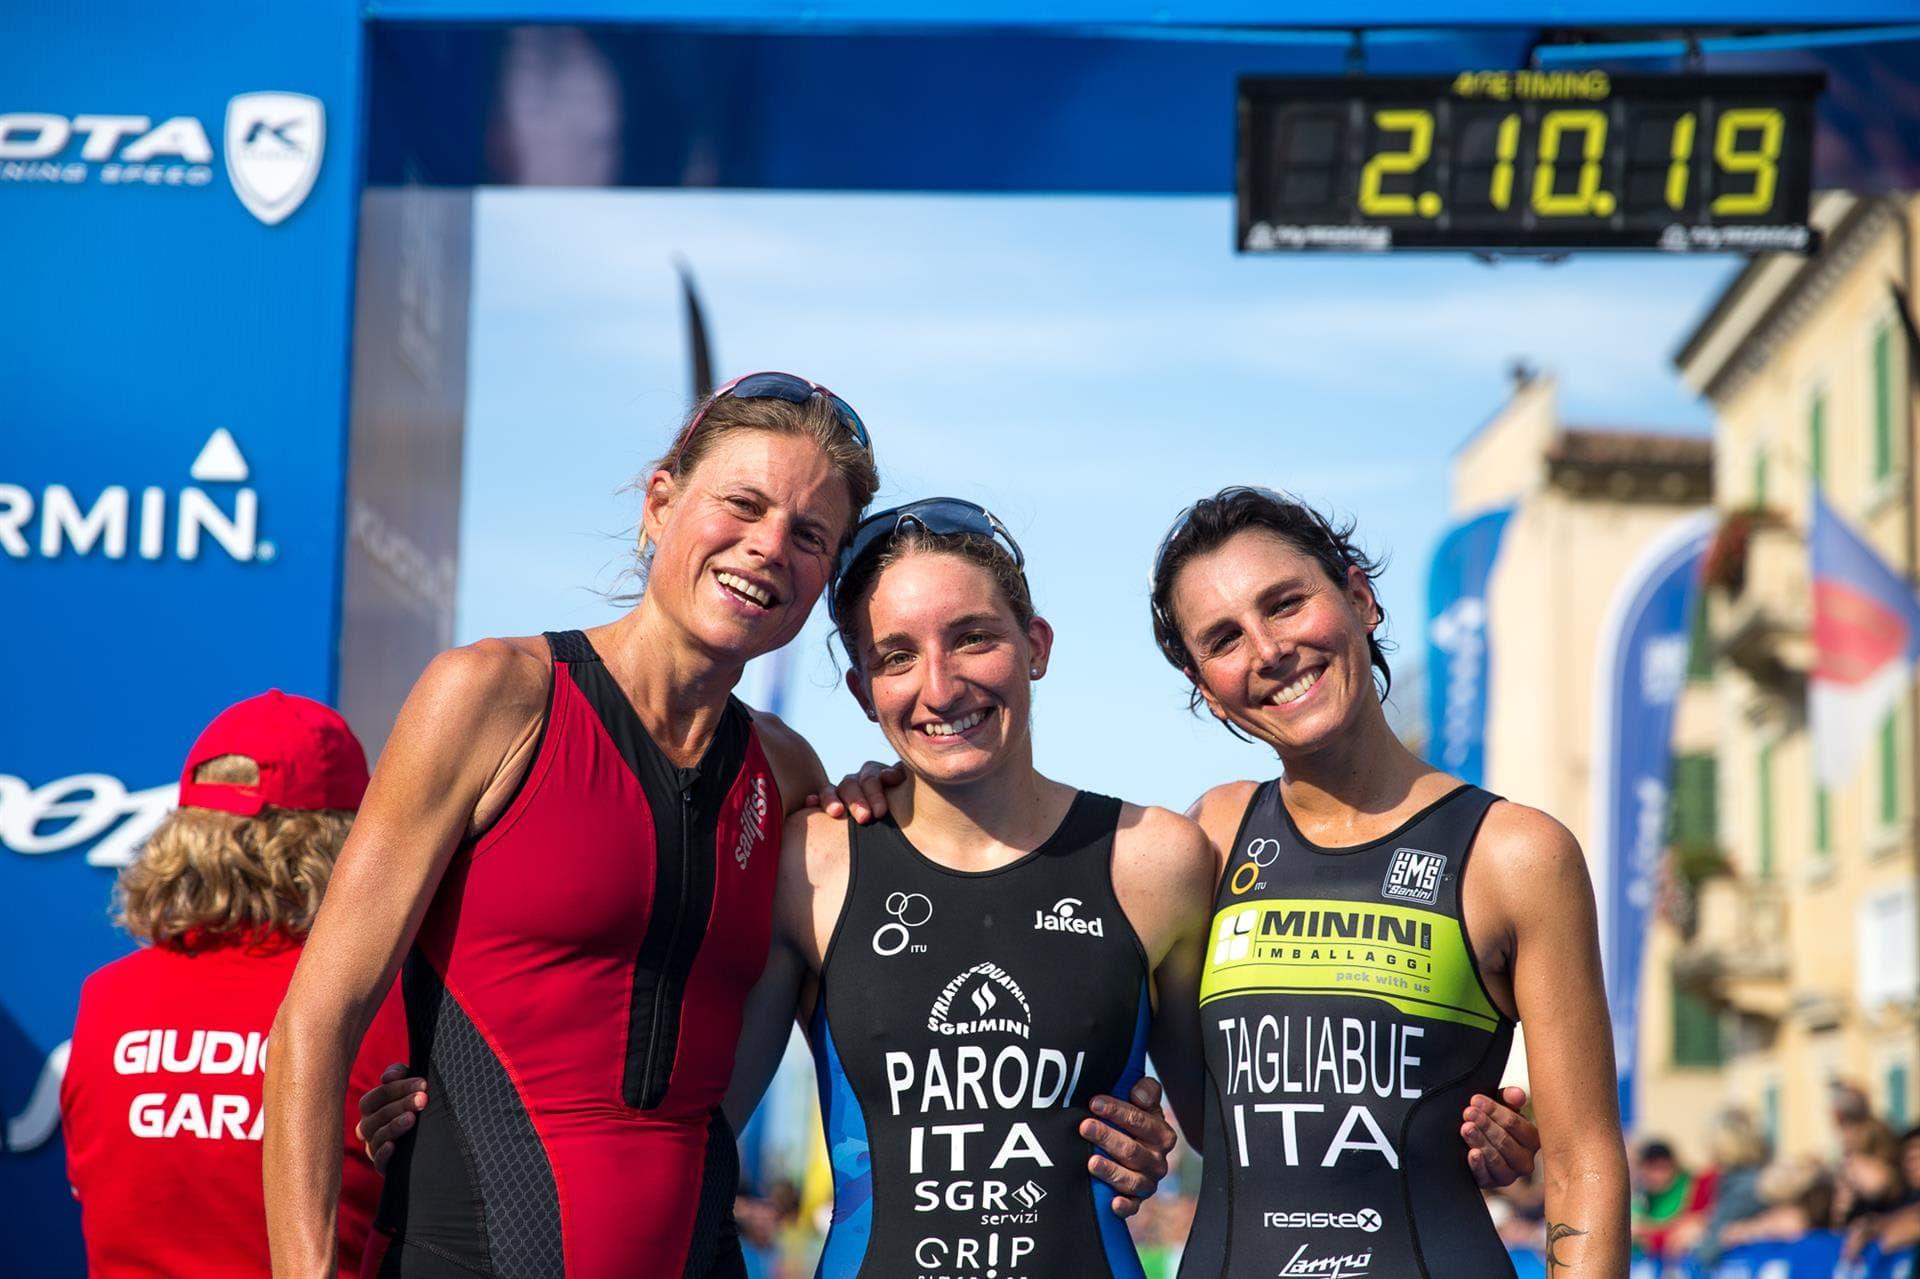 Il podio femminile del triathlon olimpico vinto da Federica Parodi al Kuota TriO Peschiera 2017